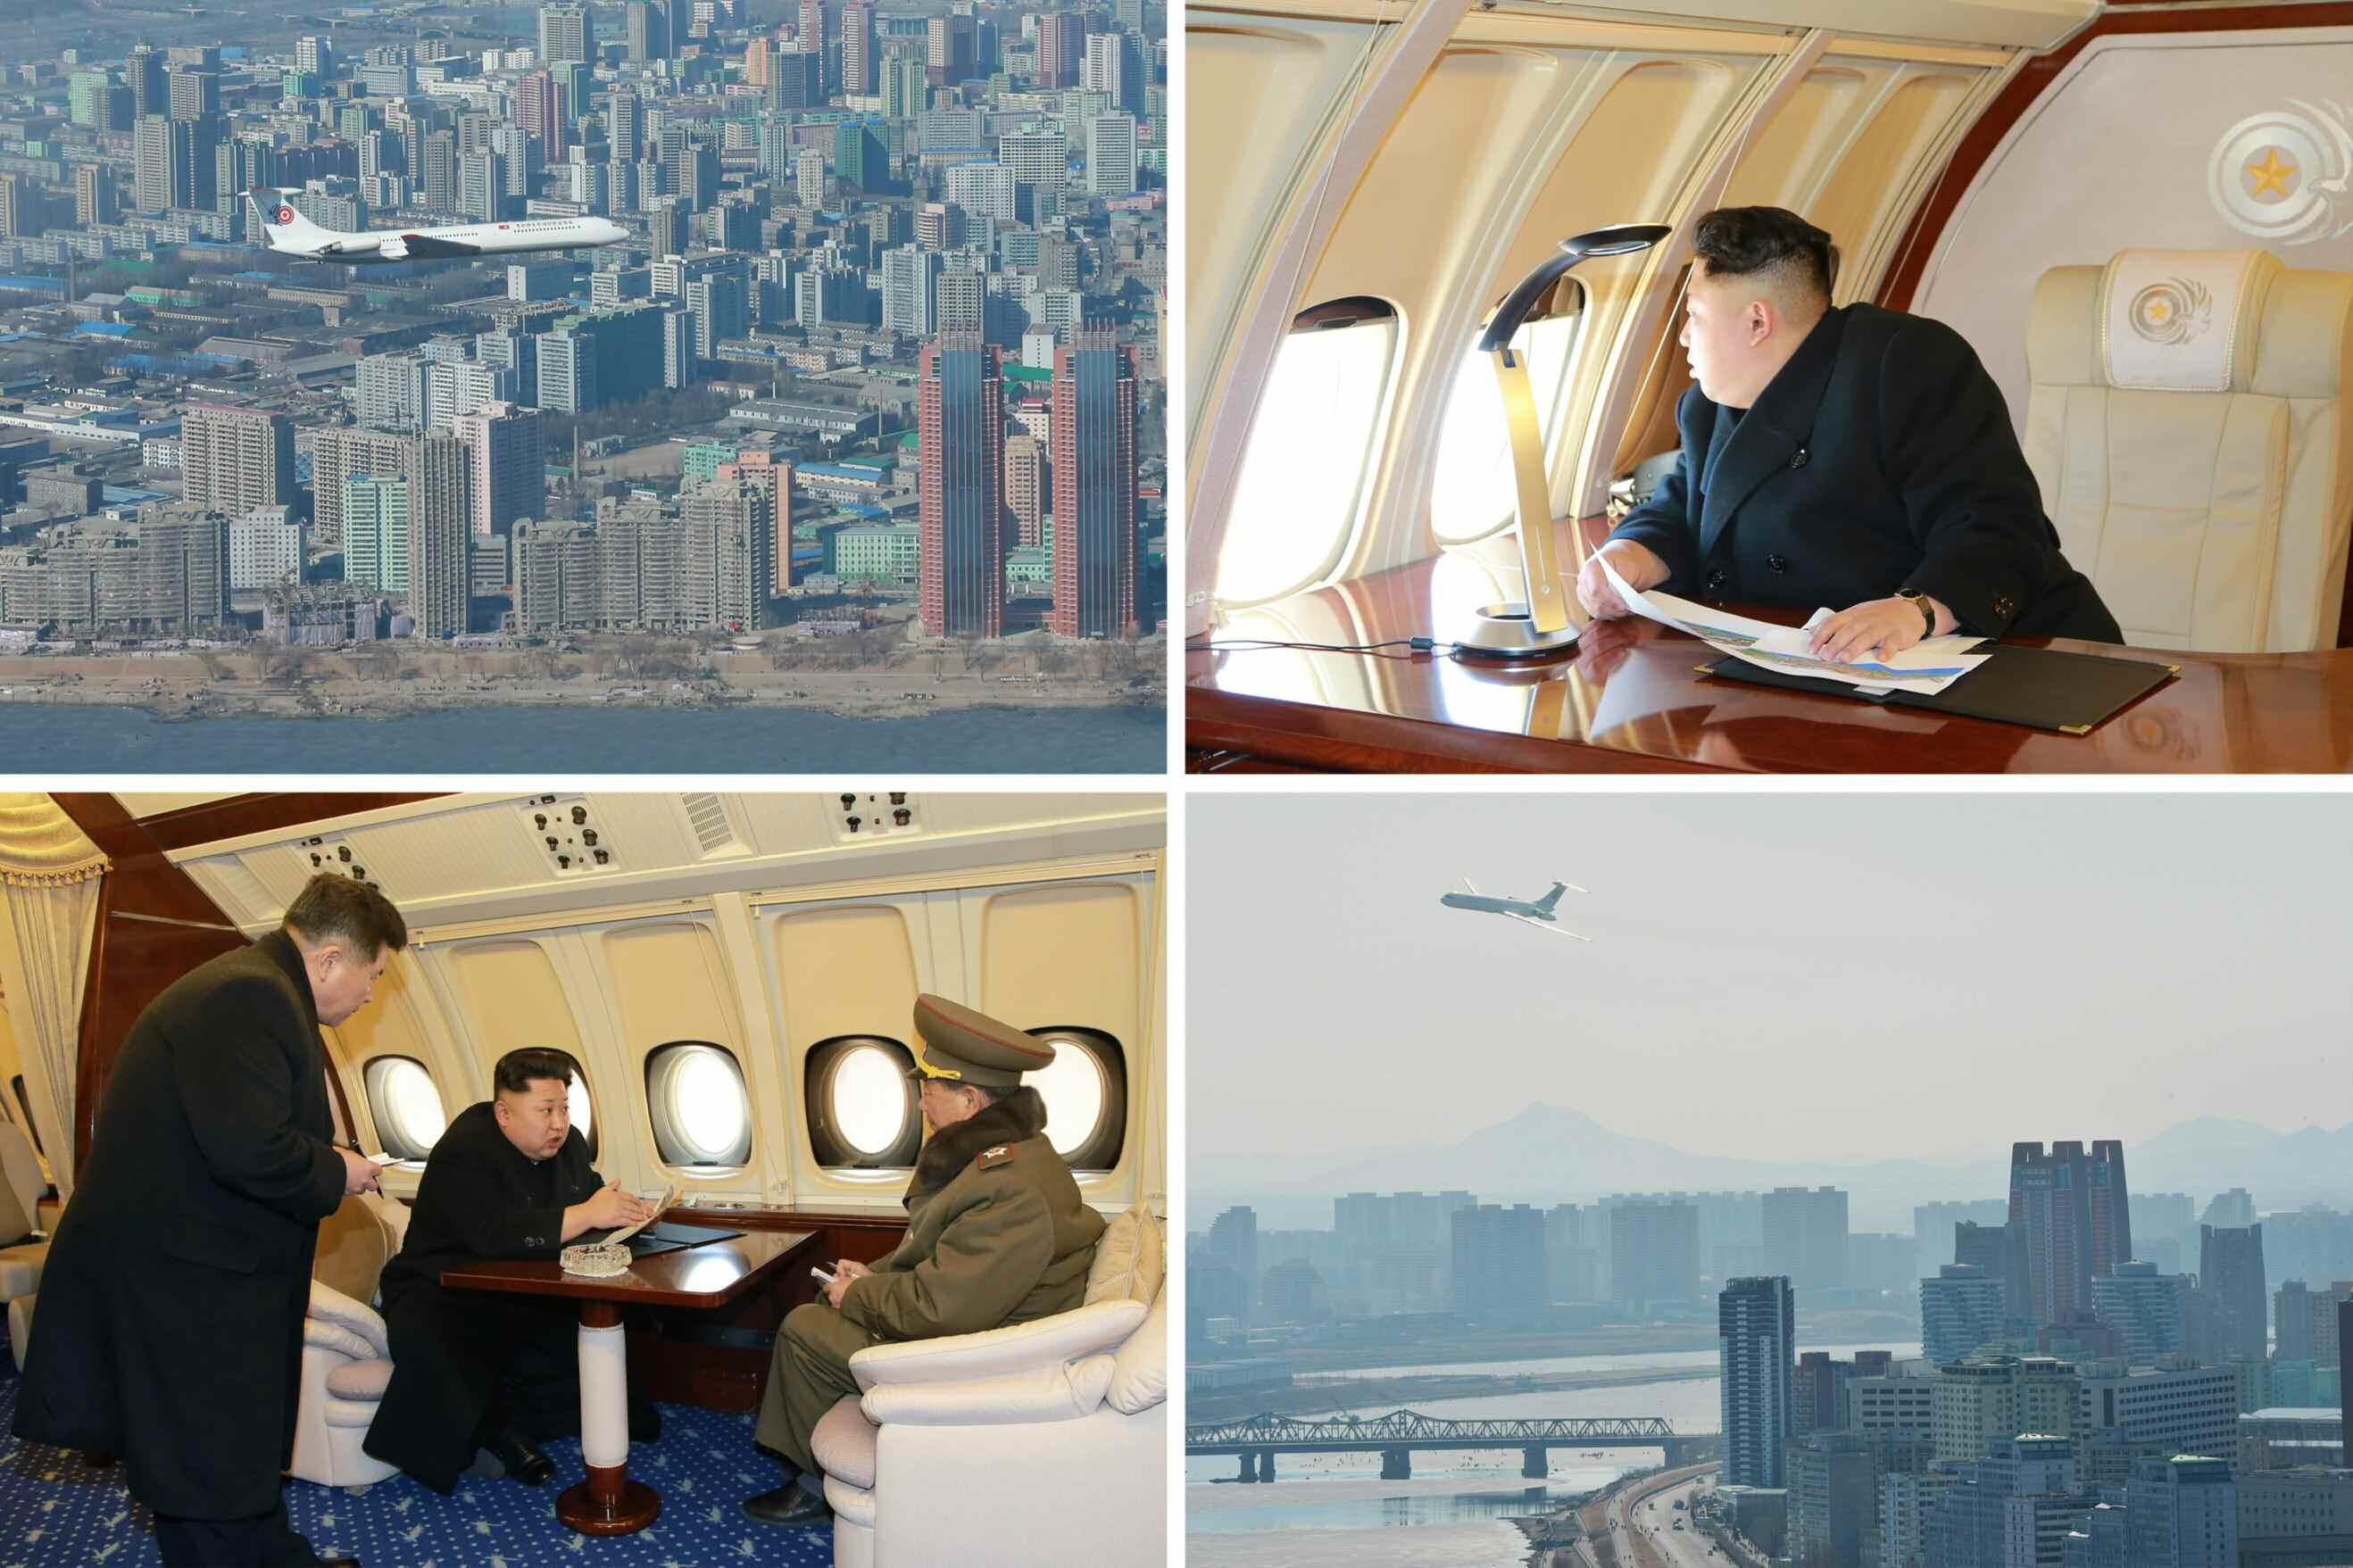 نحوه بازدید رهبر کرهشمالی از یک پروژه ساختمانی عظیم +عکس